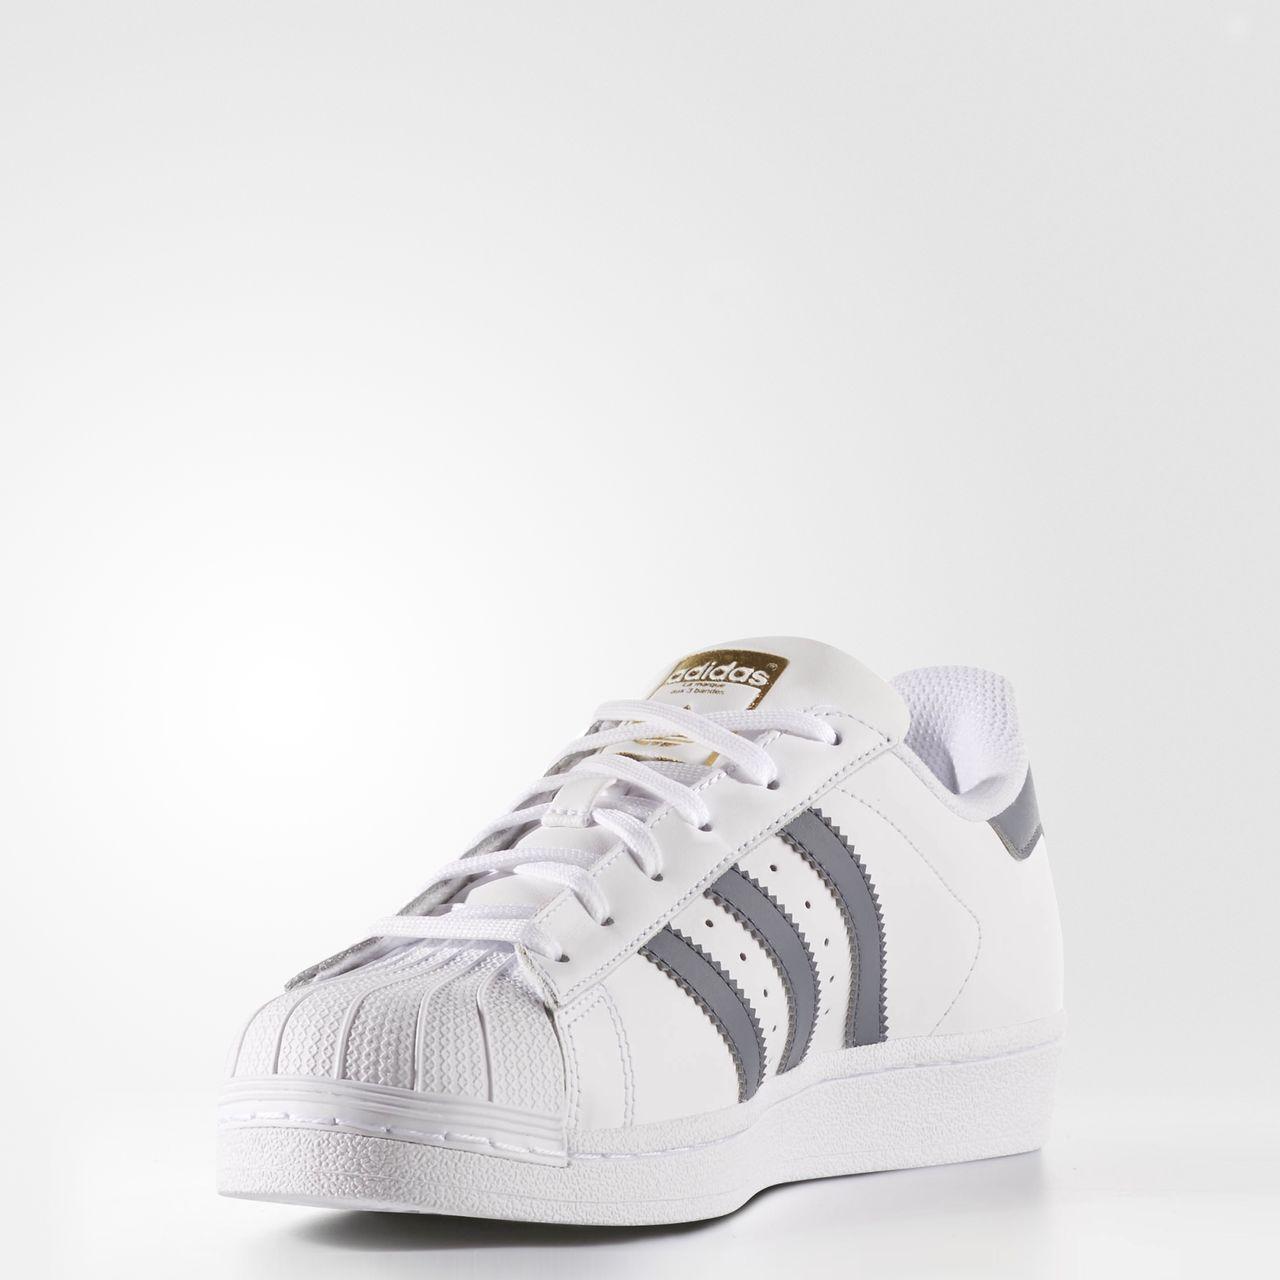 Sip Ciego es bonito  adidas Superstar Shoes - White | adidas US | Superstars shoes, Adidas shoes  superstar, Adidas superstar shoes white